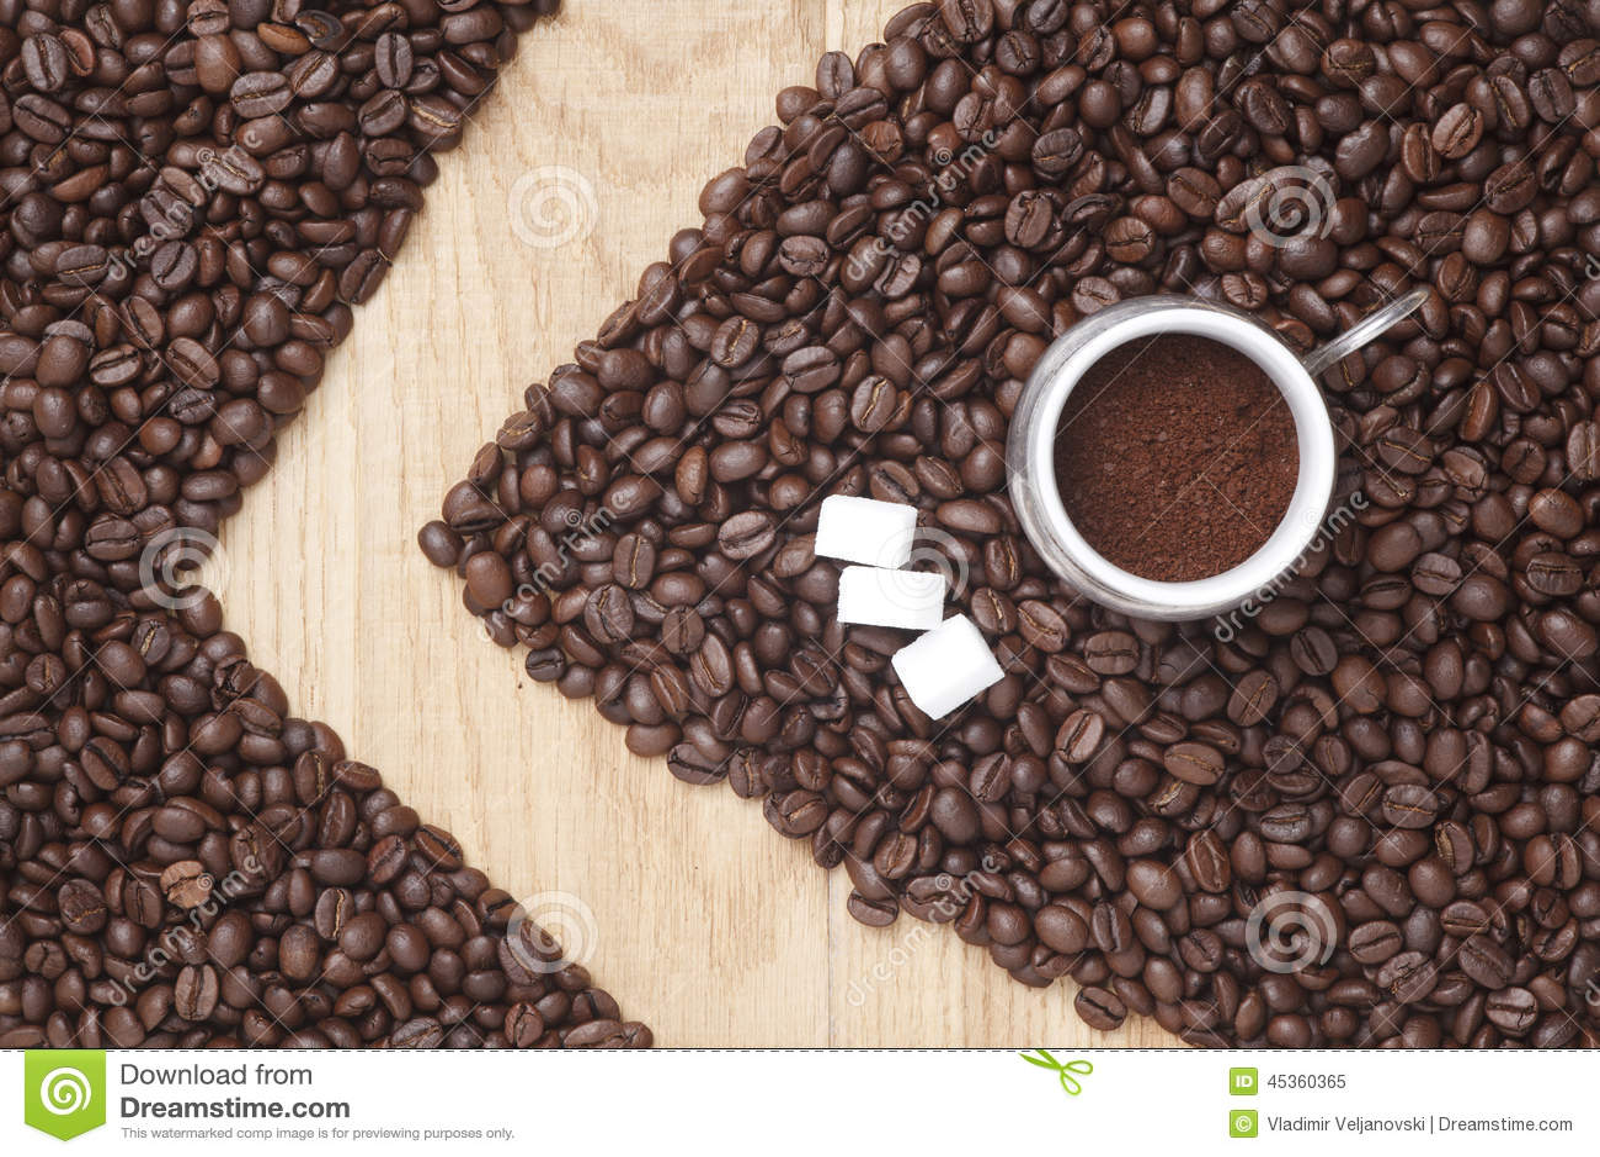 Kaffeebohnen auf einem hölzernen Hintergrund